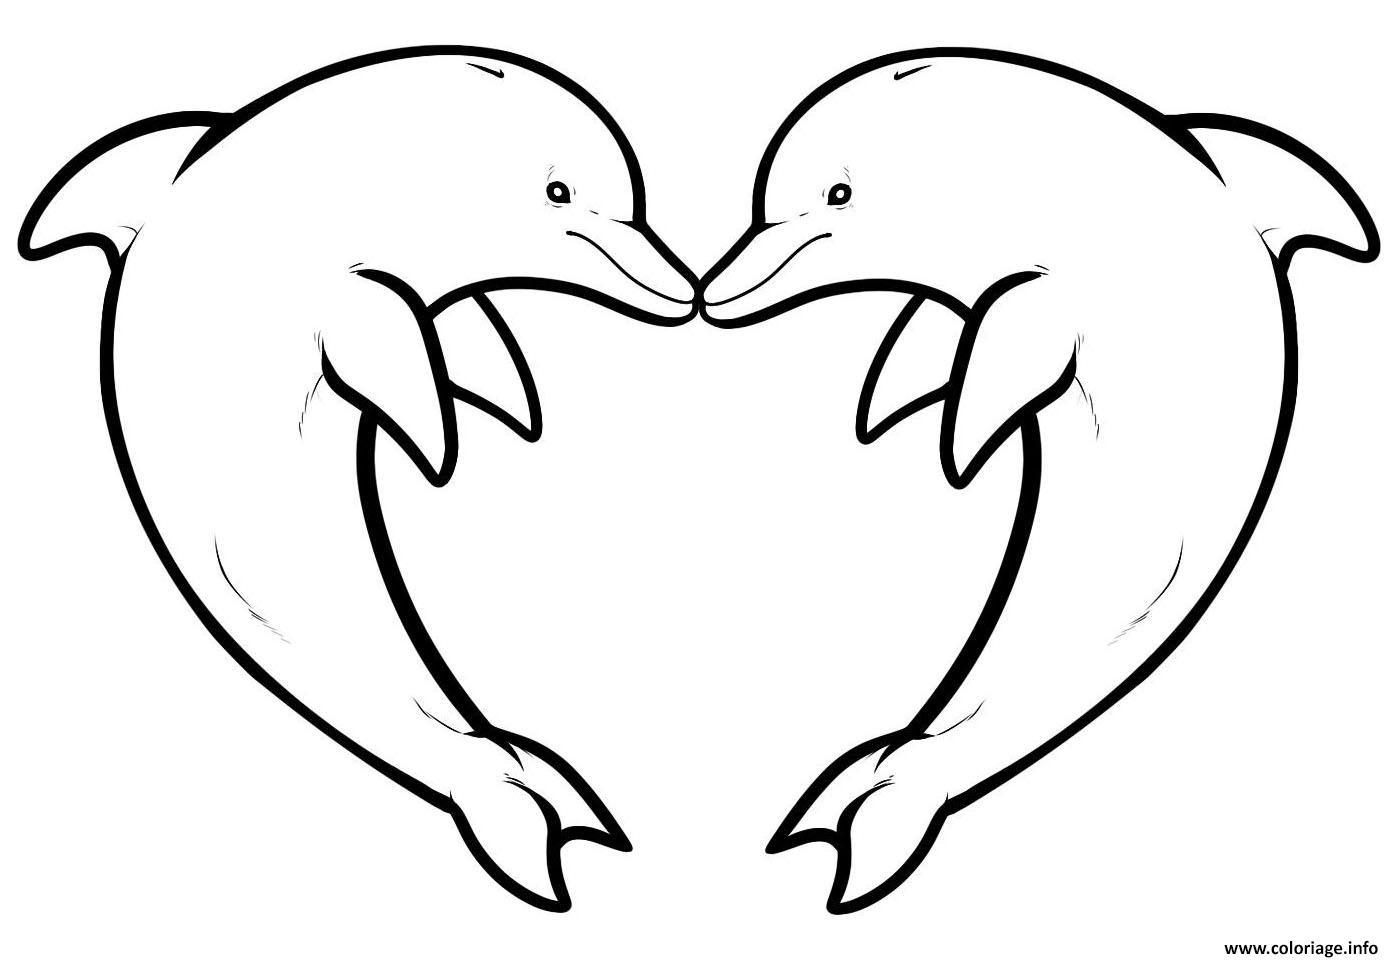 Dessin dauphin coeur Coloriage Gratuit à Imprimer